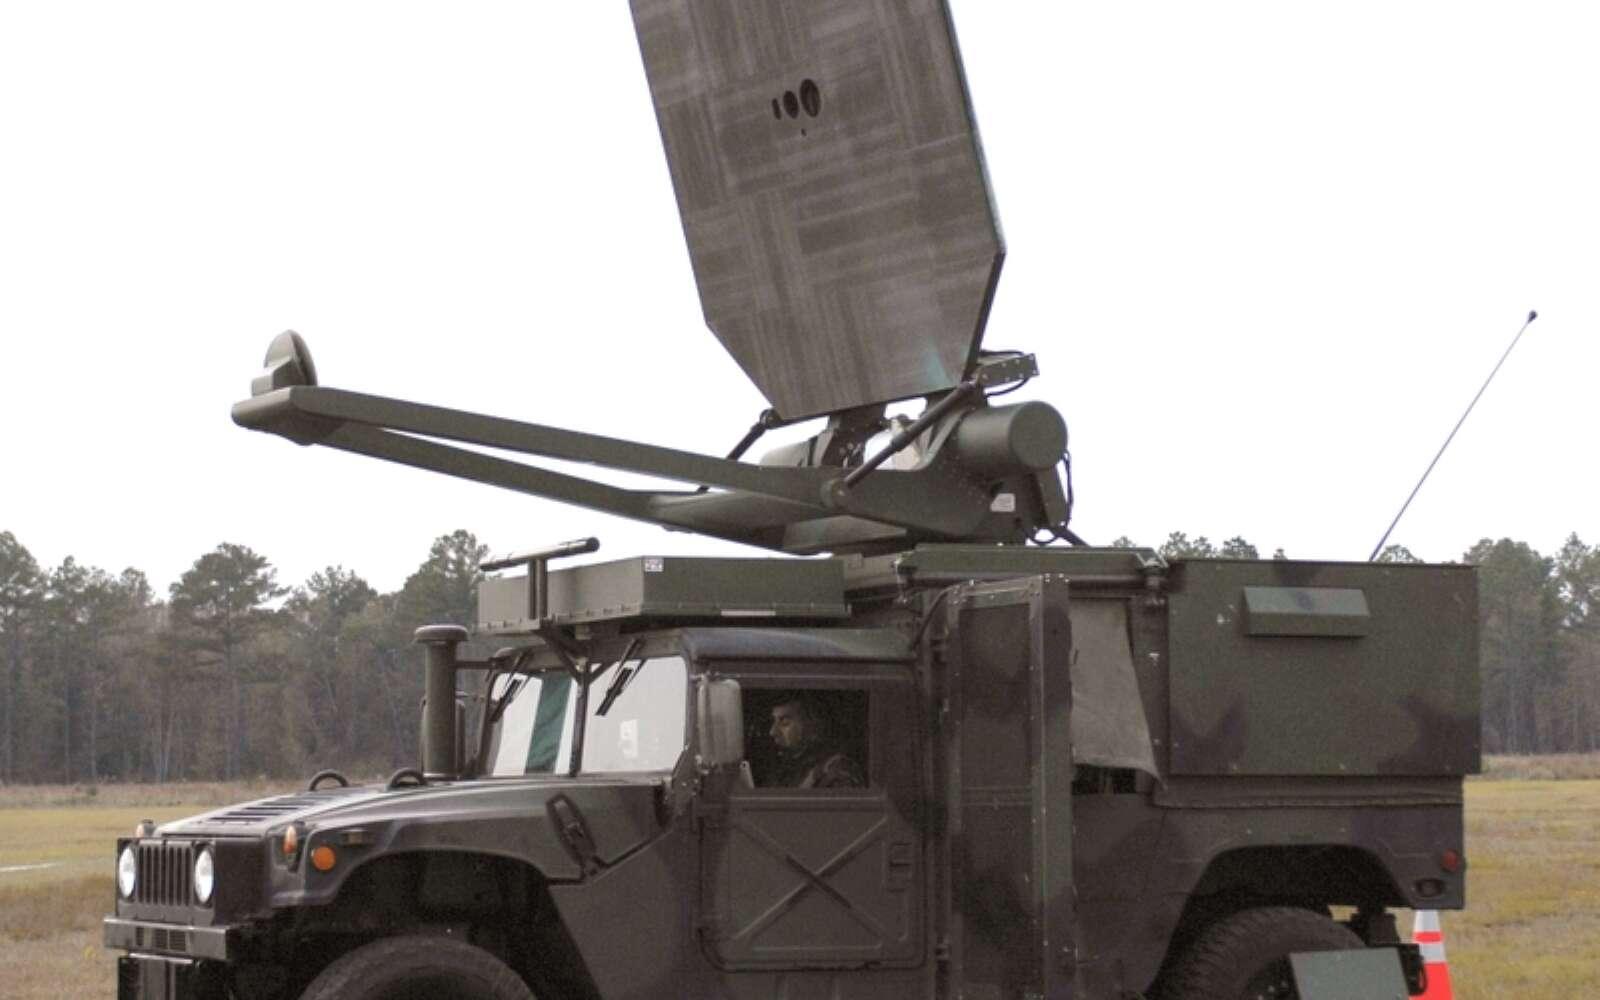 Arme acoustique de l'armée américaine utilisée dès les années 1970. Image d'illustration. © US Army